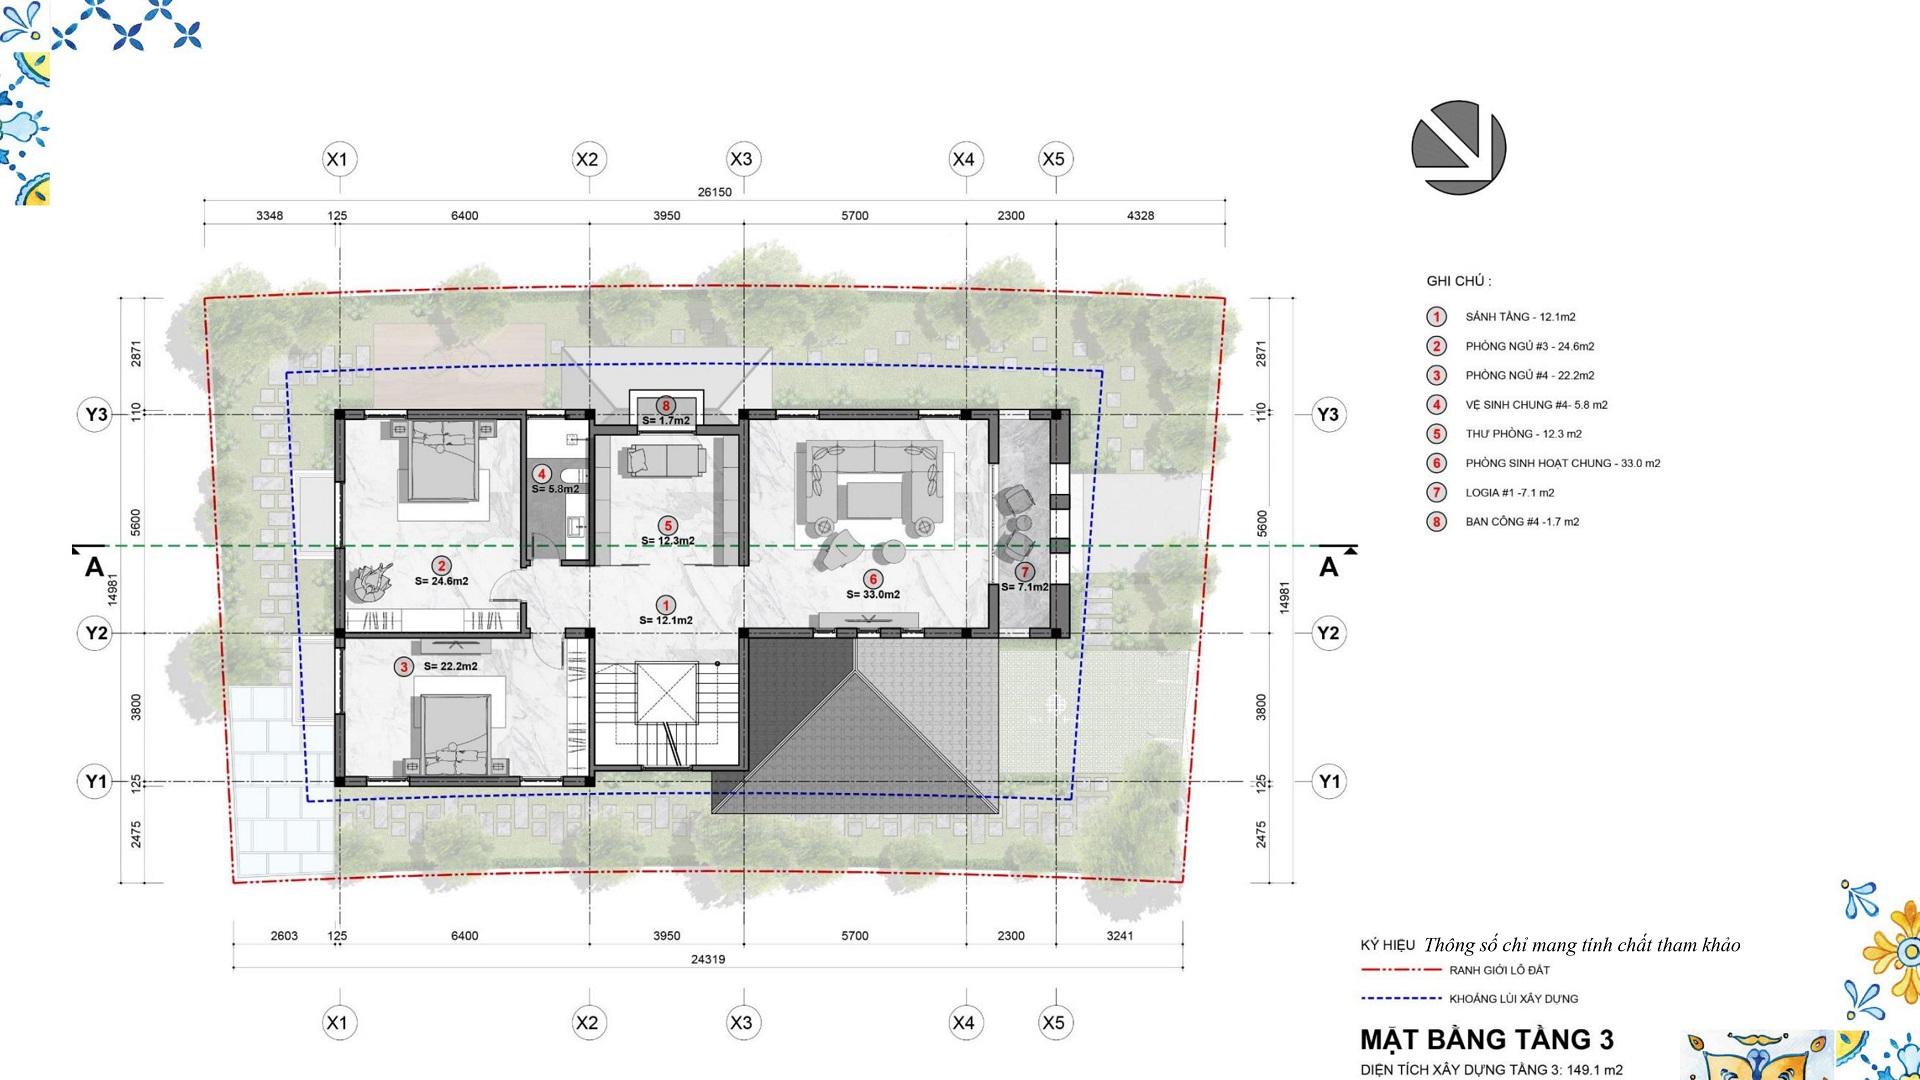 mặt bằng biệt thự đơn lập tầng 3